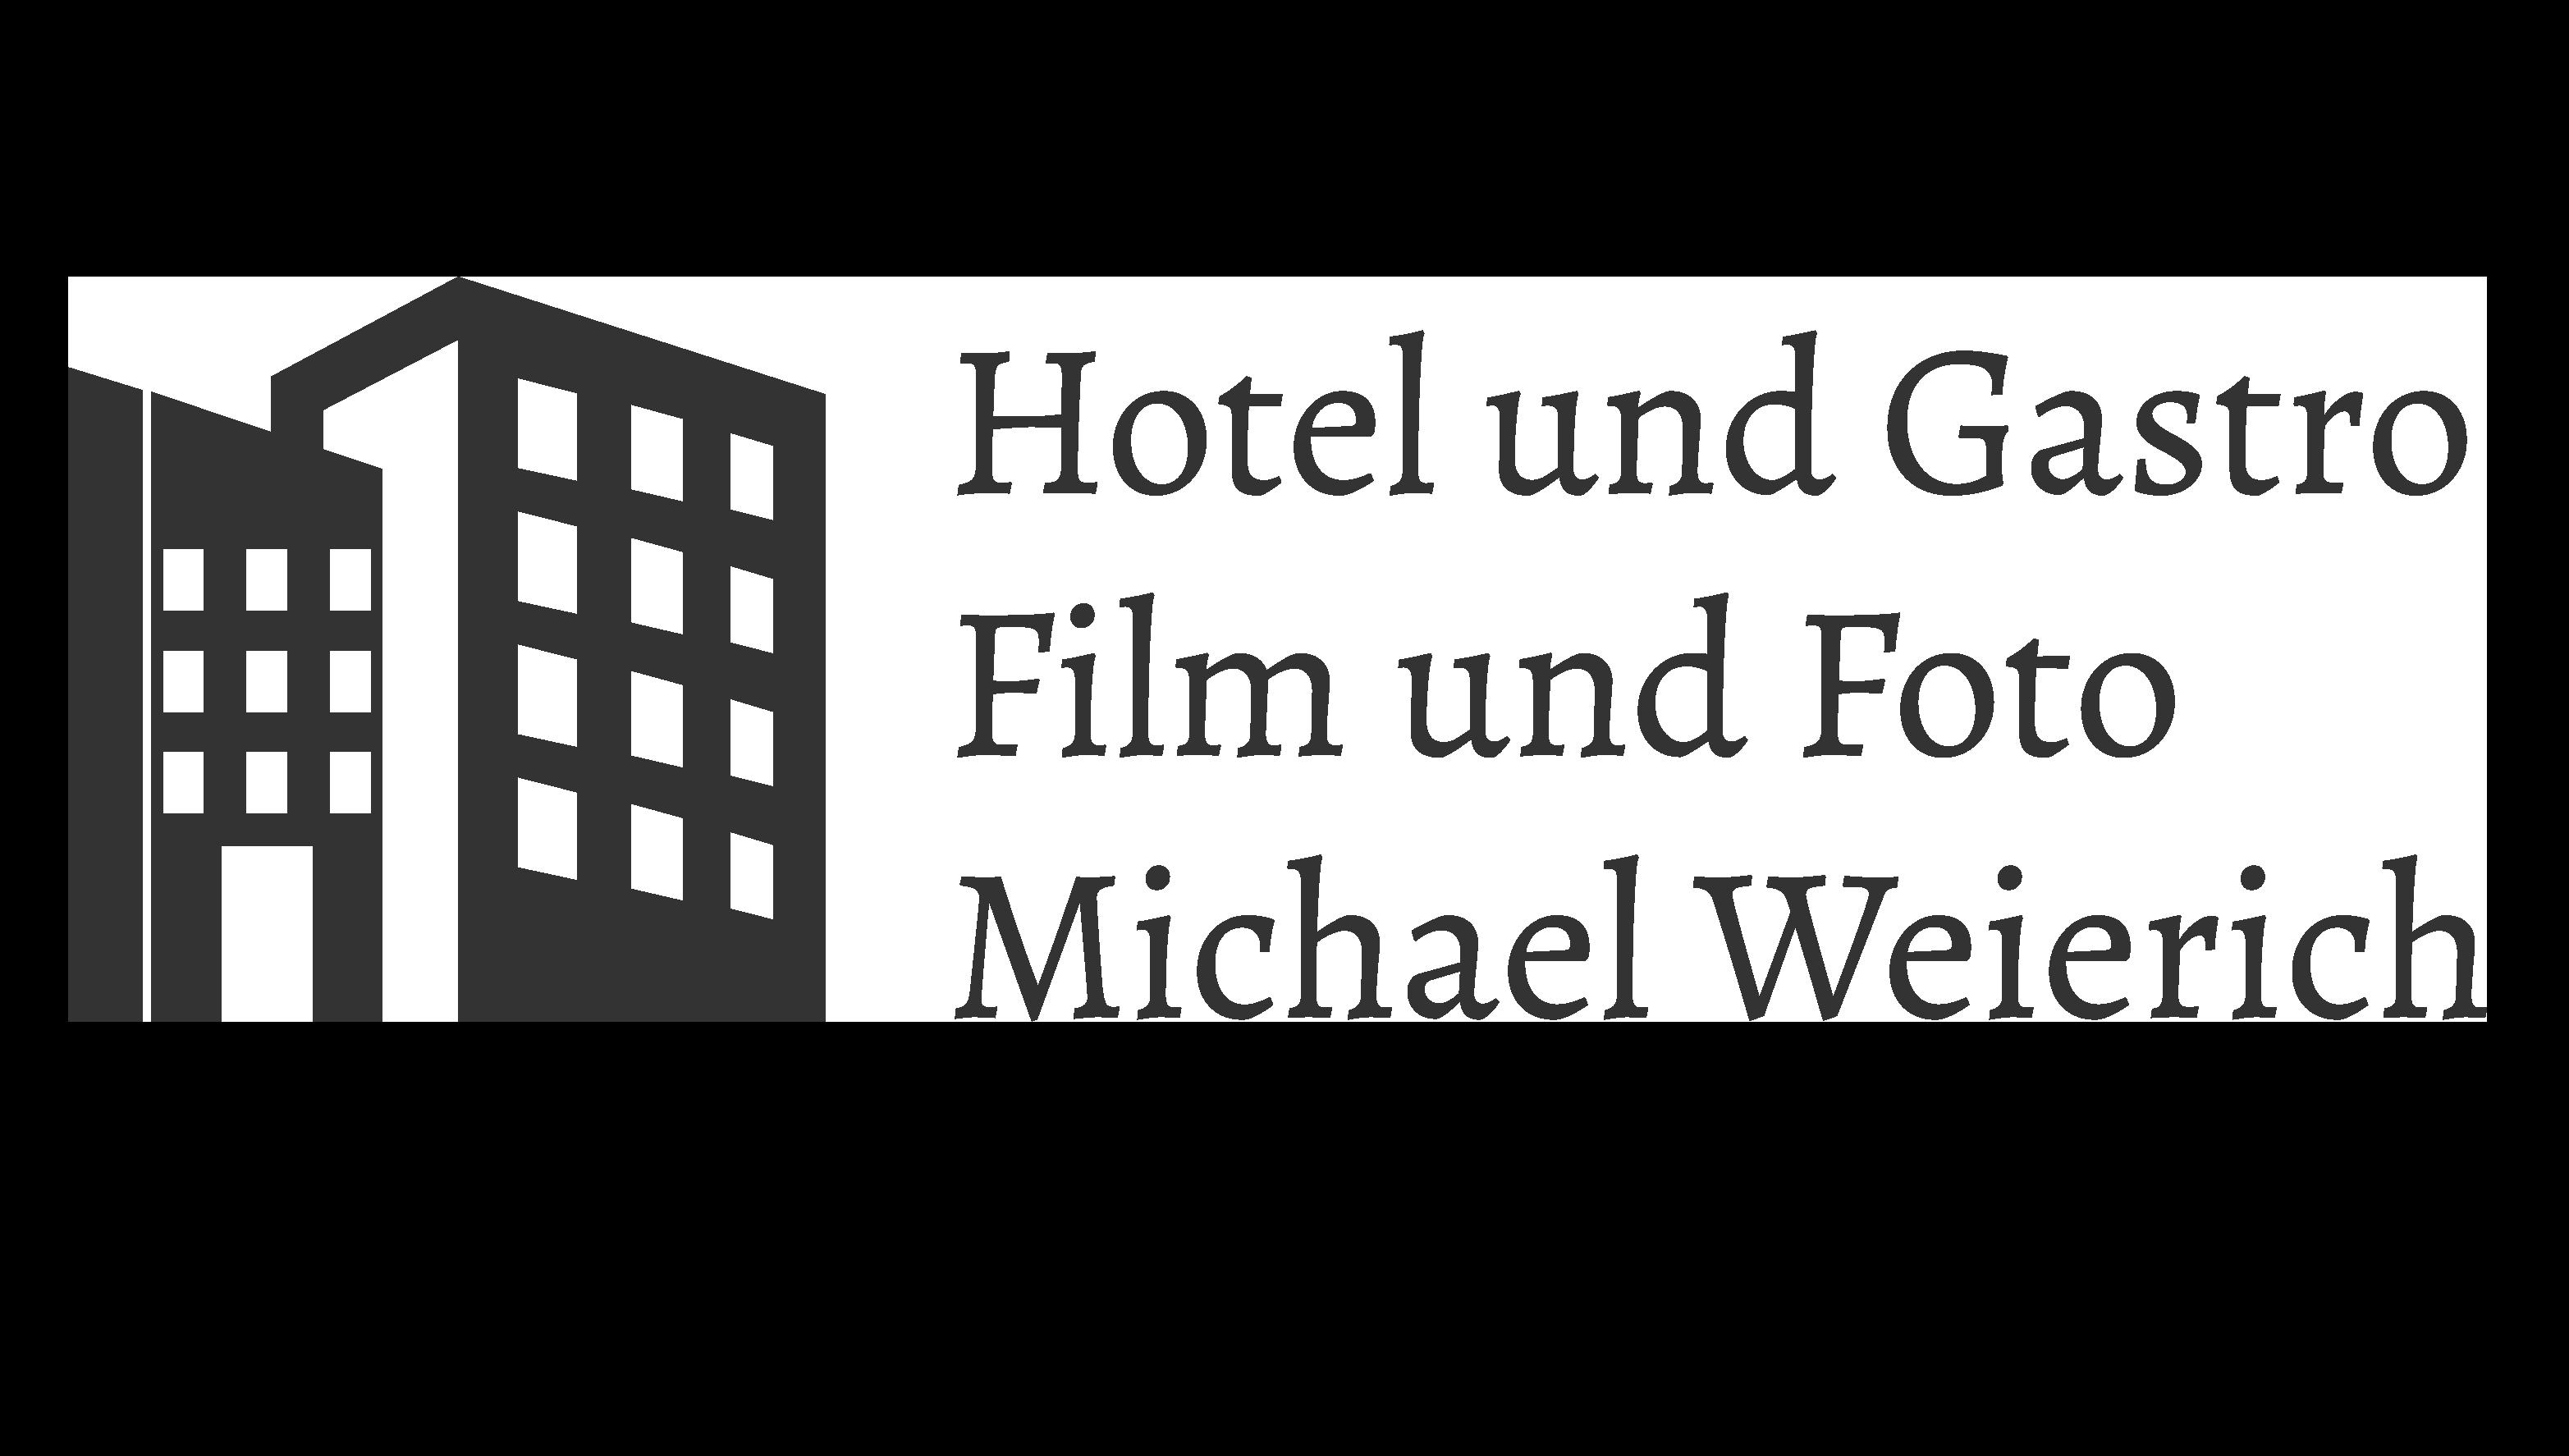 Michael Weierich